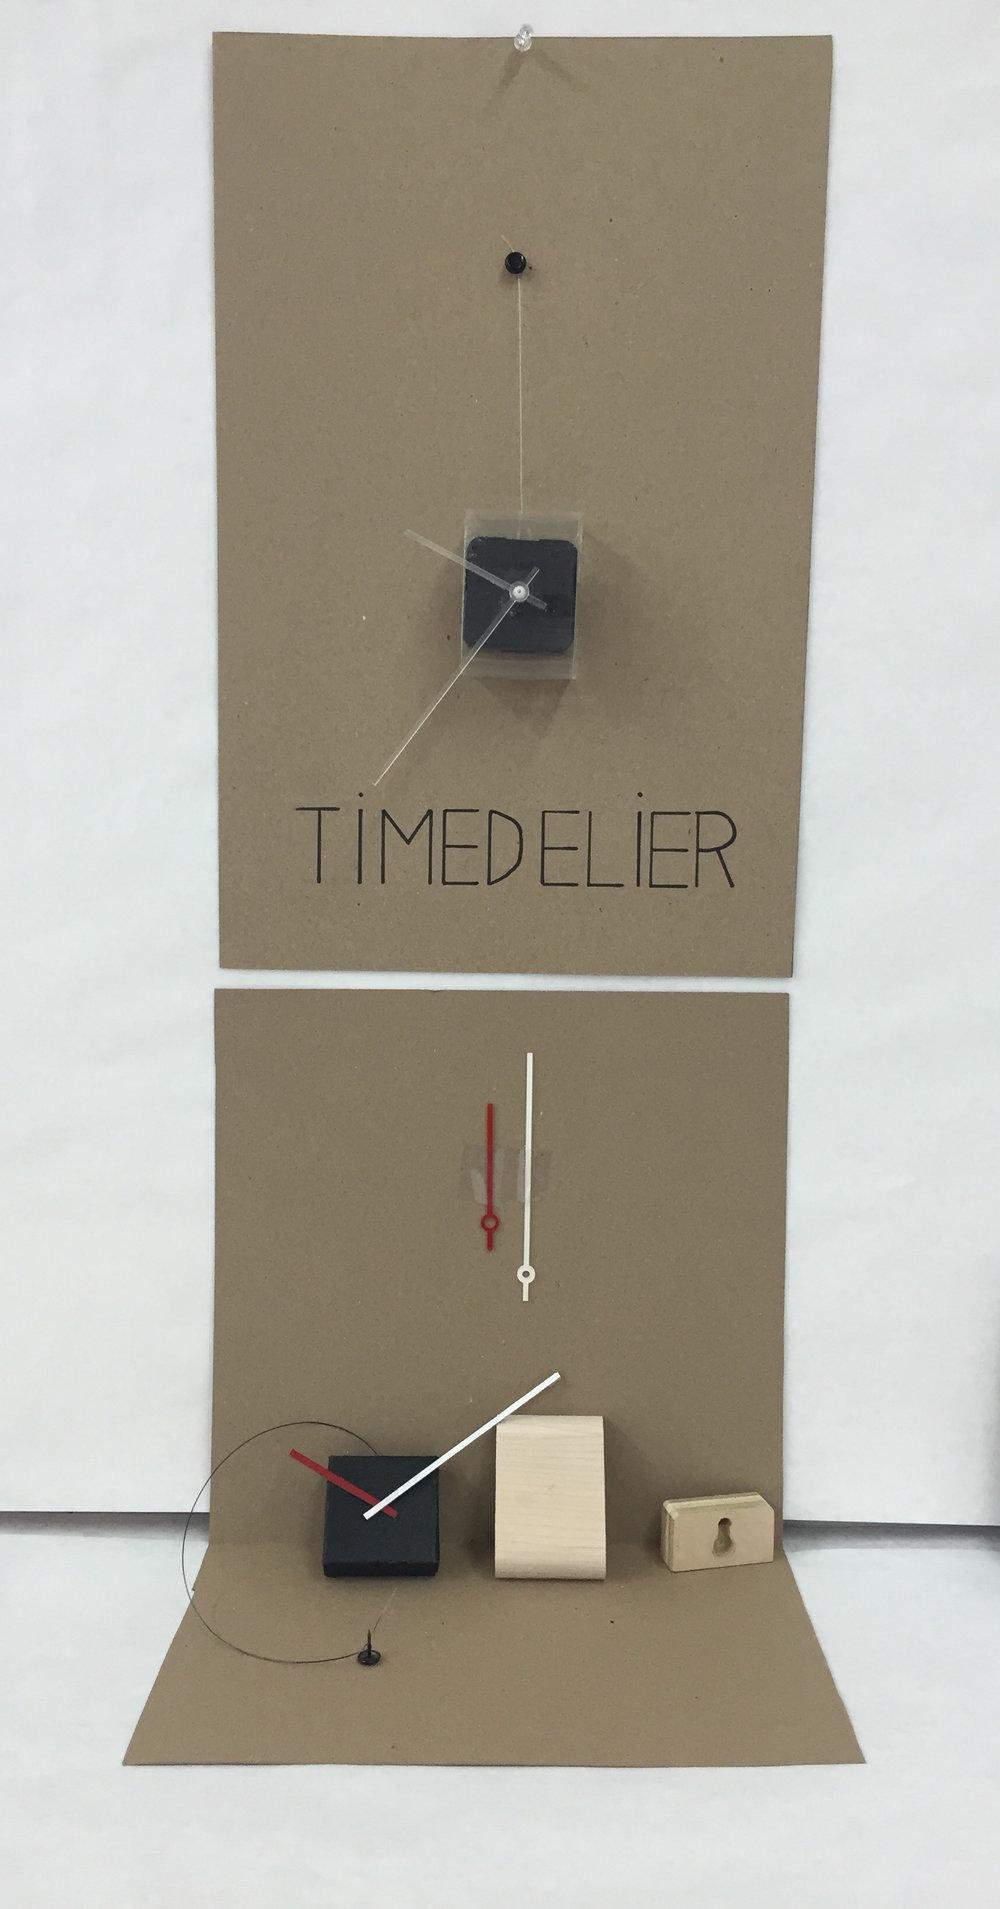 TIMEDELIER-FINAL01